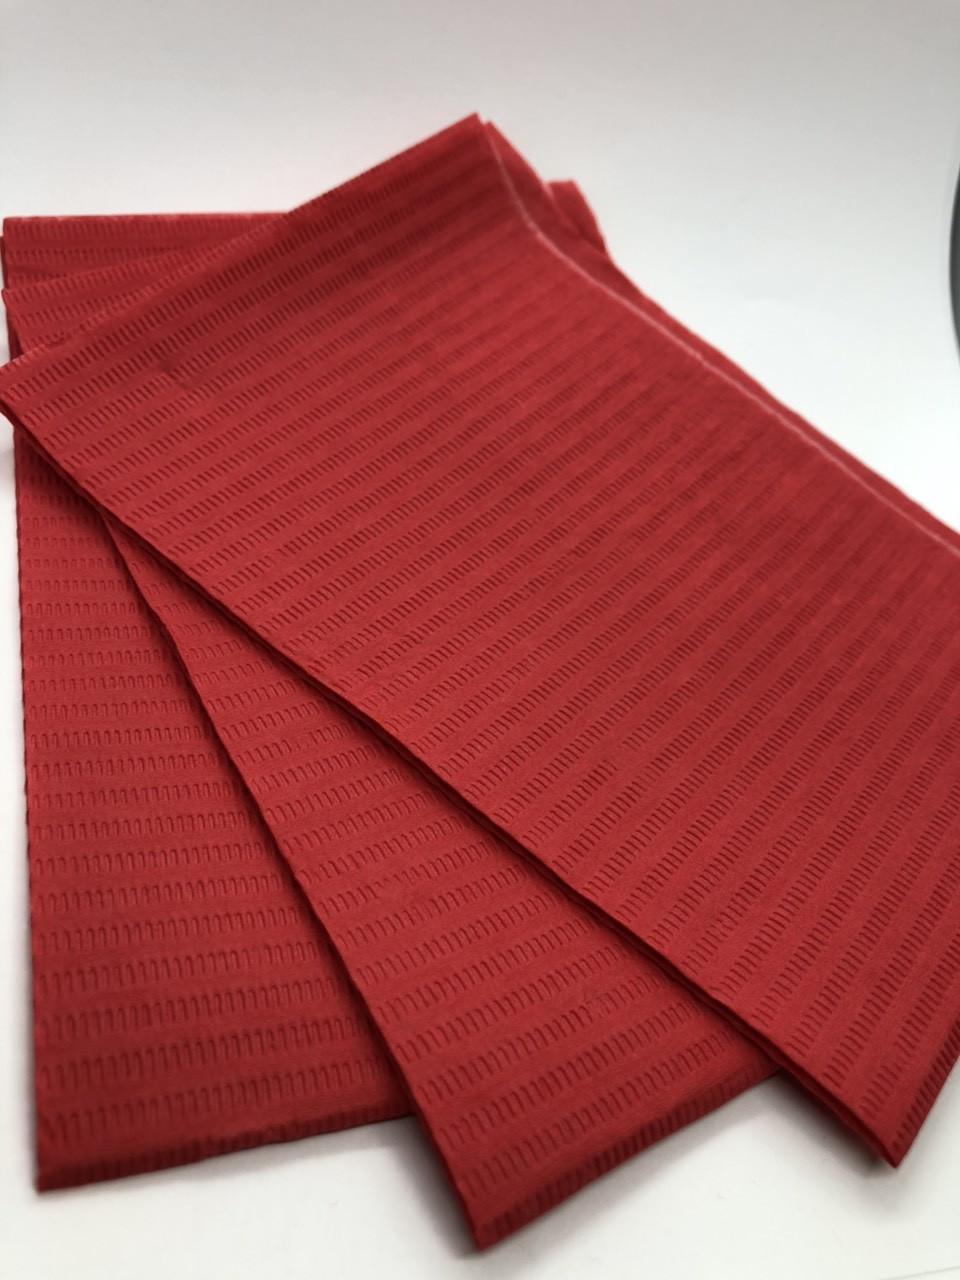 Салфетки для маникюрного стола красные, 25 шт